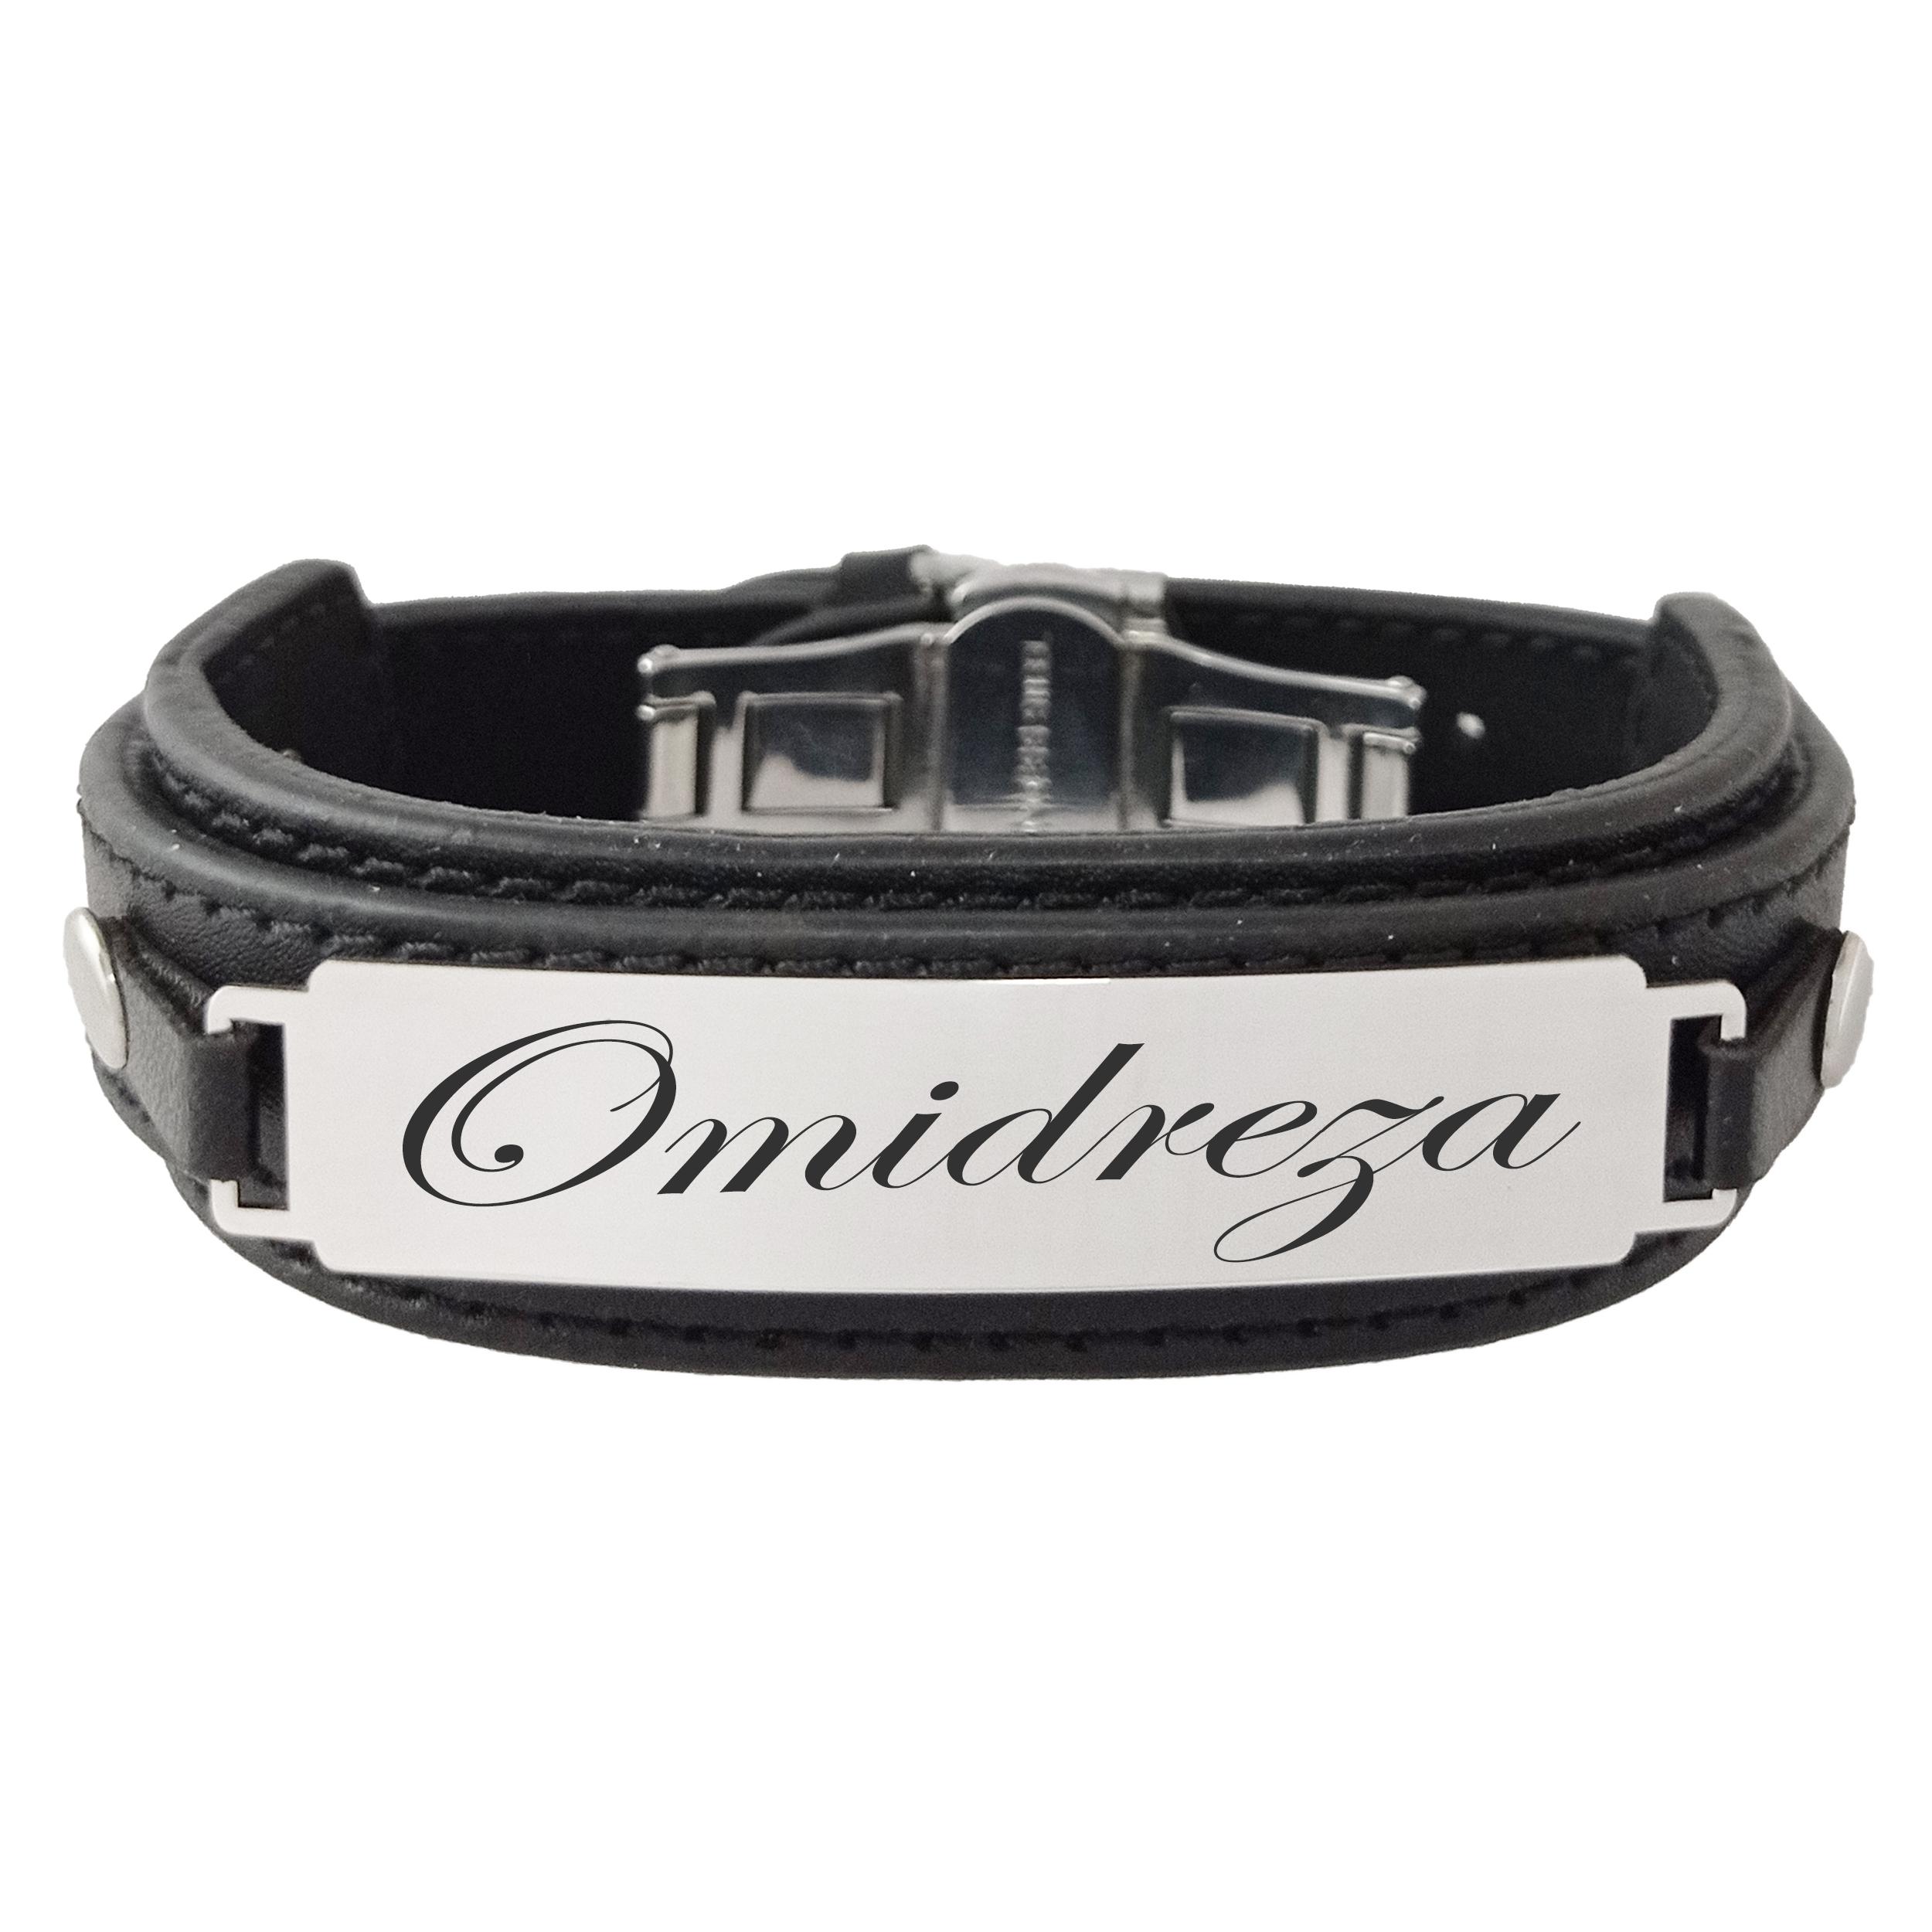 دستبند مردانه ترمه ۱ مدل امیدرضا کد Sam 888